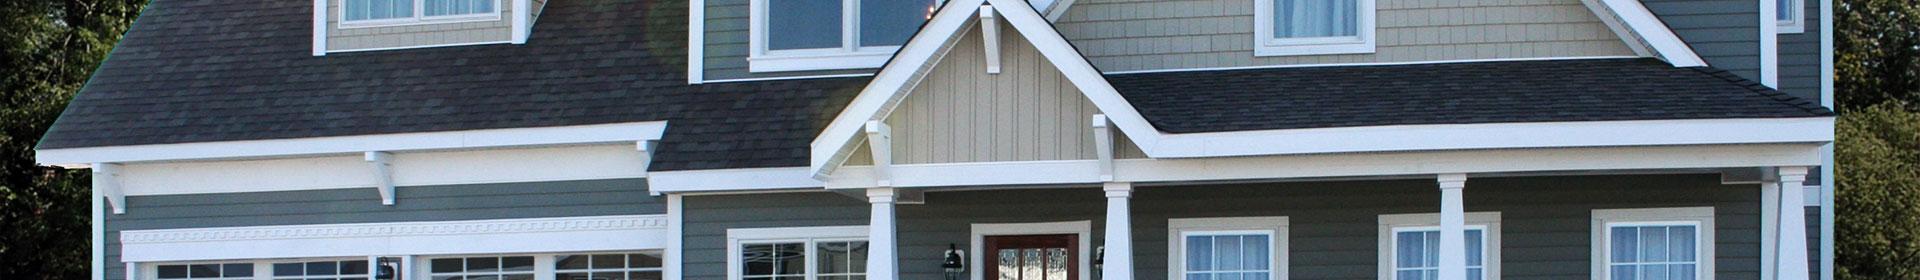 Roofing Falls Church Va Roof Repair Contractors